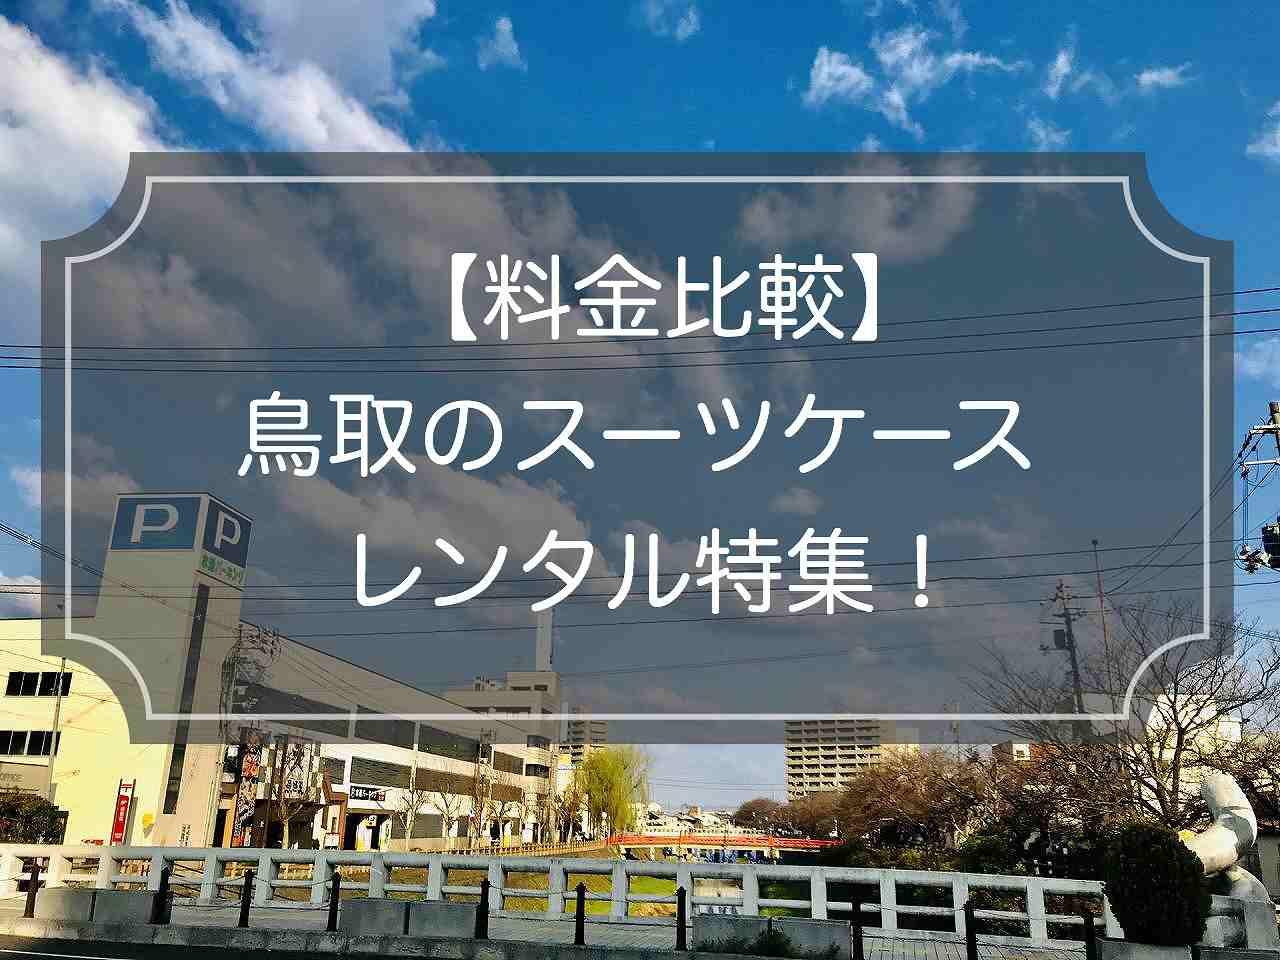 鳥取のスーツケースレンタル情報